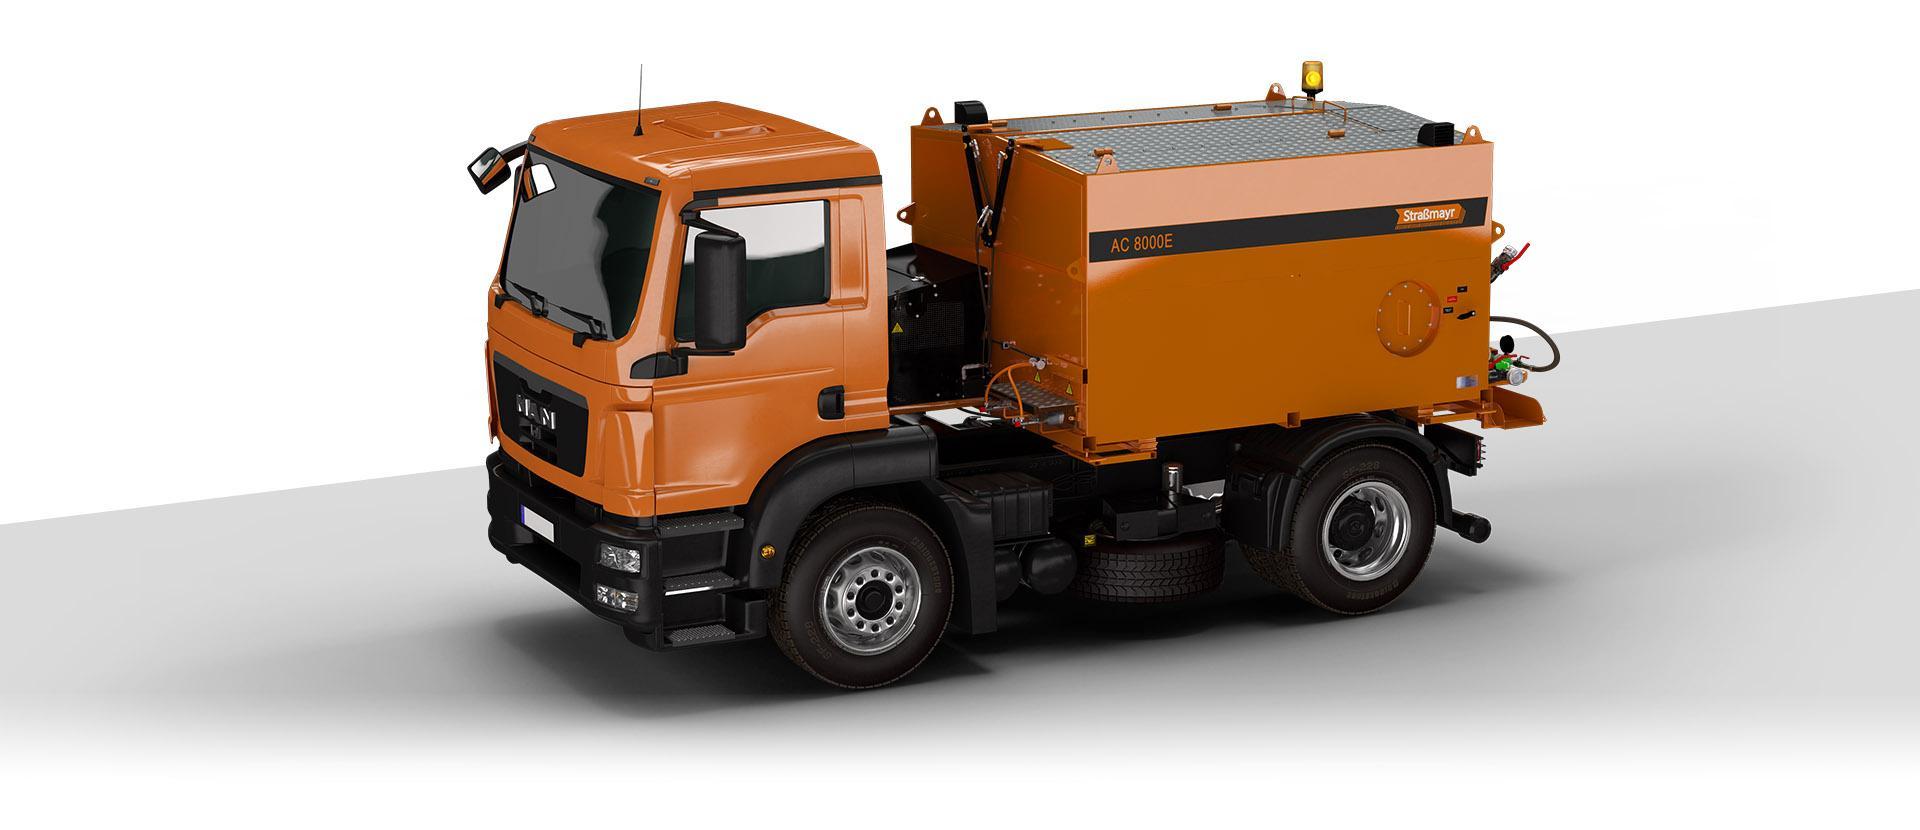 Оборудование для транспортировки, обогрева и распределения асфальтобетонной смеси STRASSMAYR AC 8000 E THERMOS.